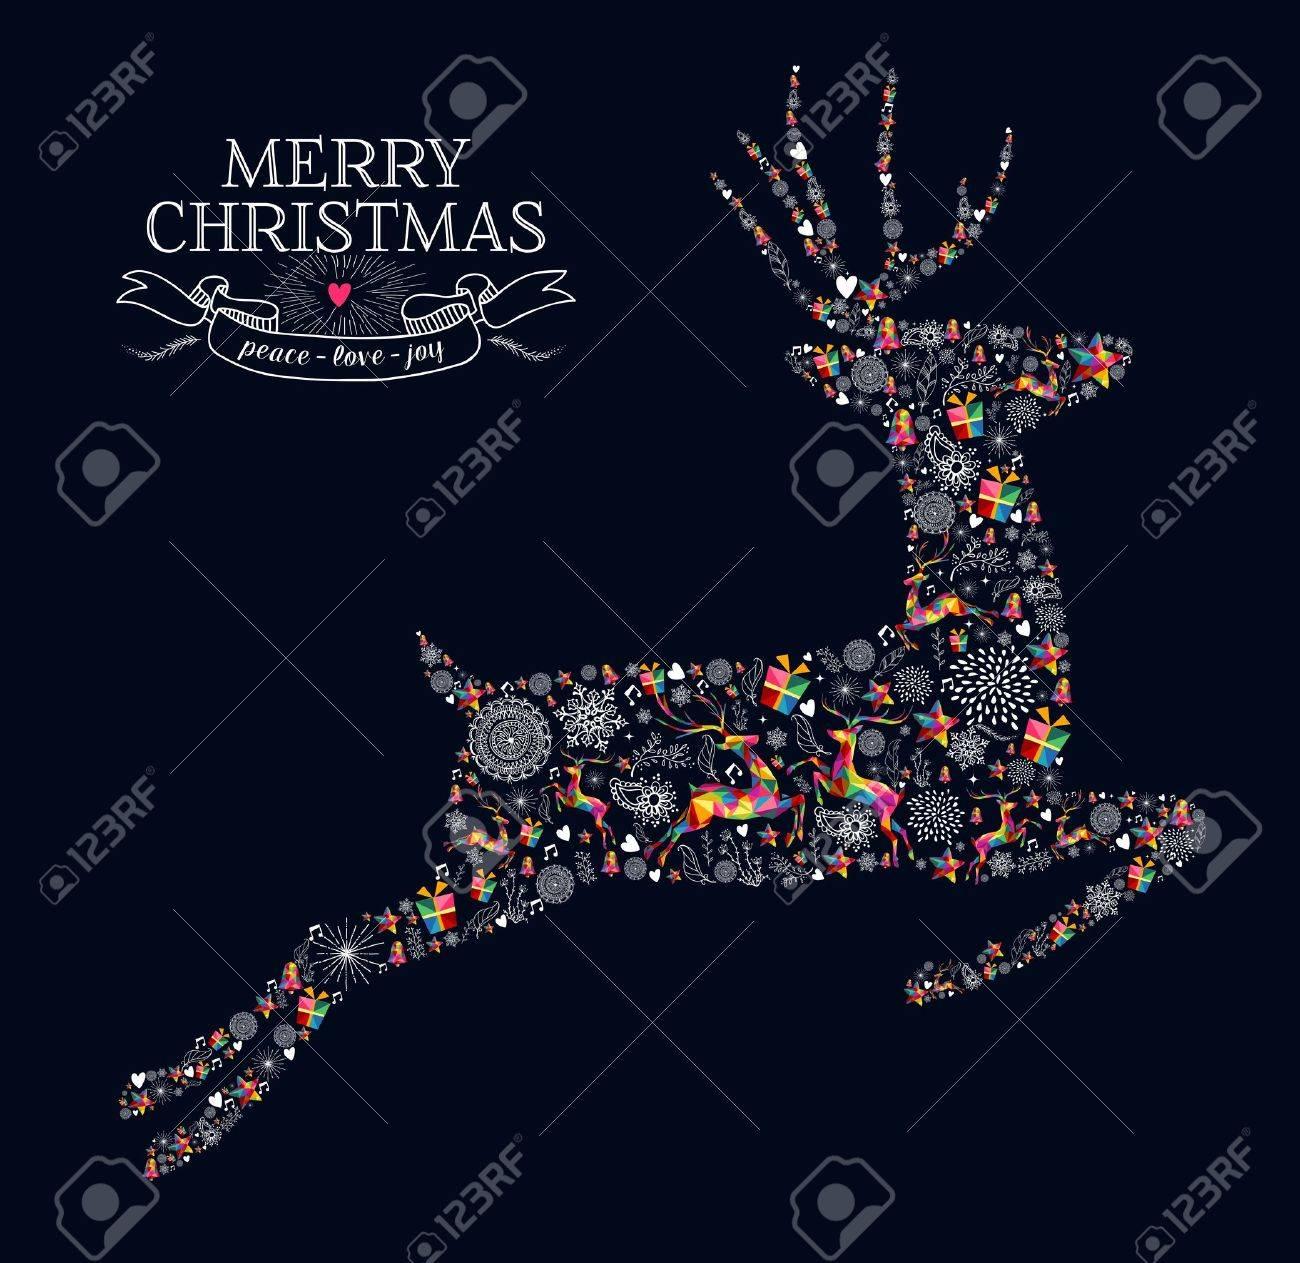 Cartoline Di Auguri Di Natale.Vettoriale Cartolina D Auguri Di Natale Saltando Forma Renne In